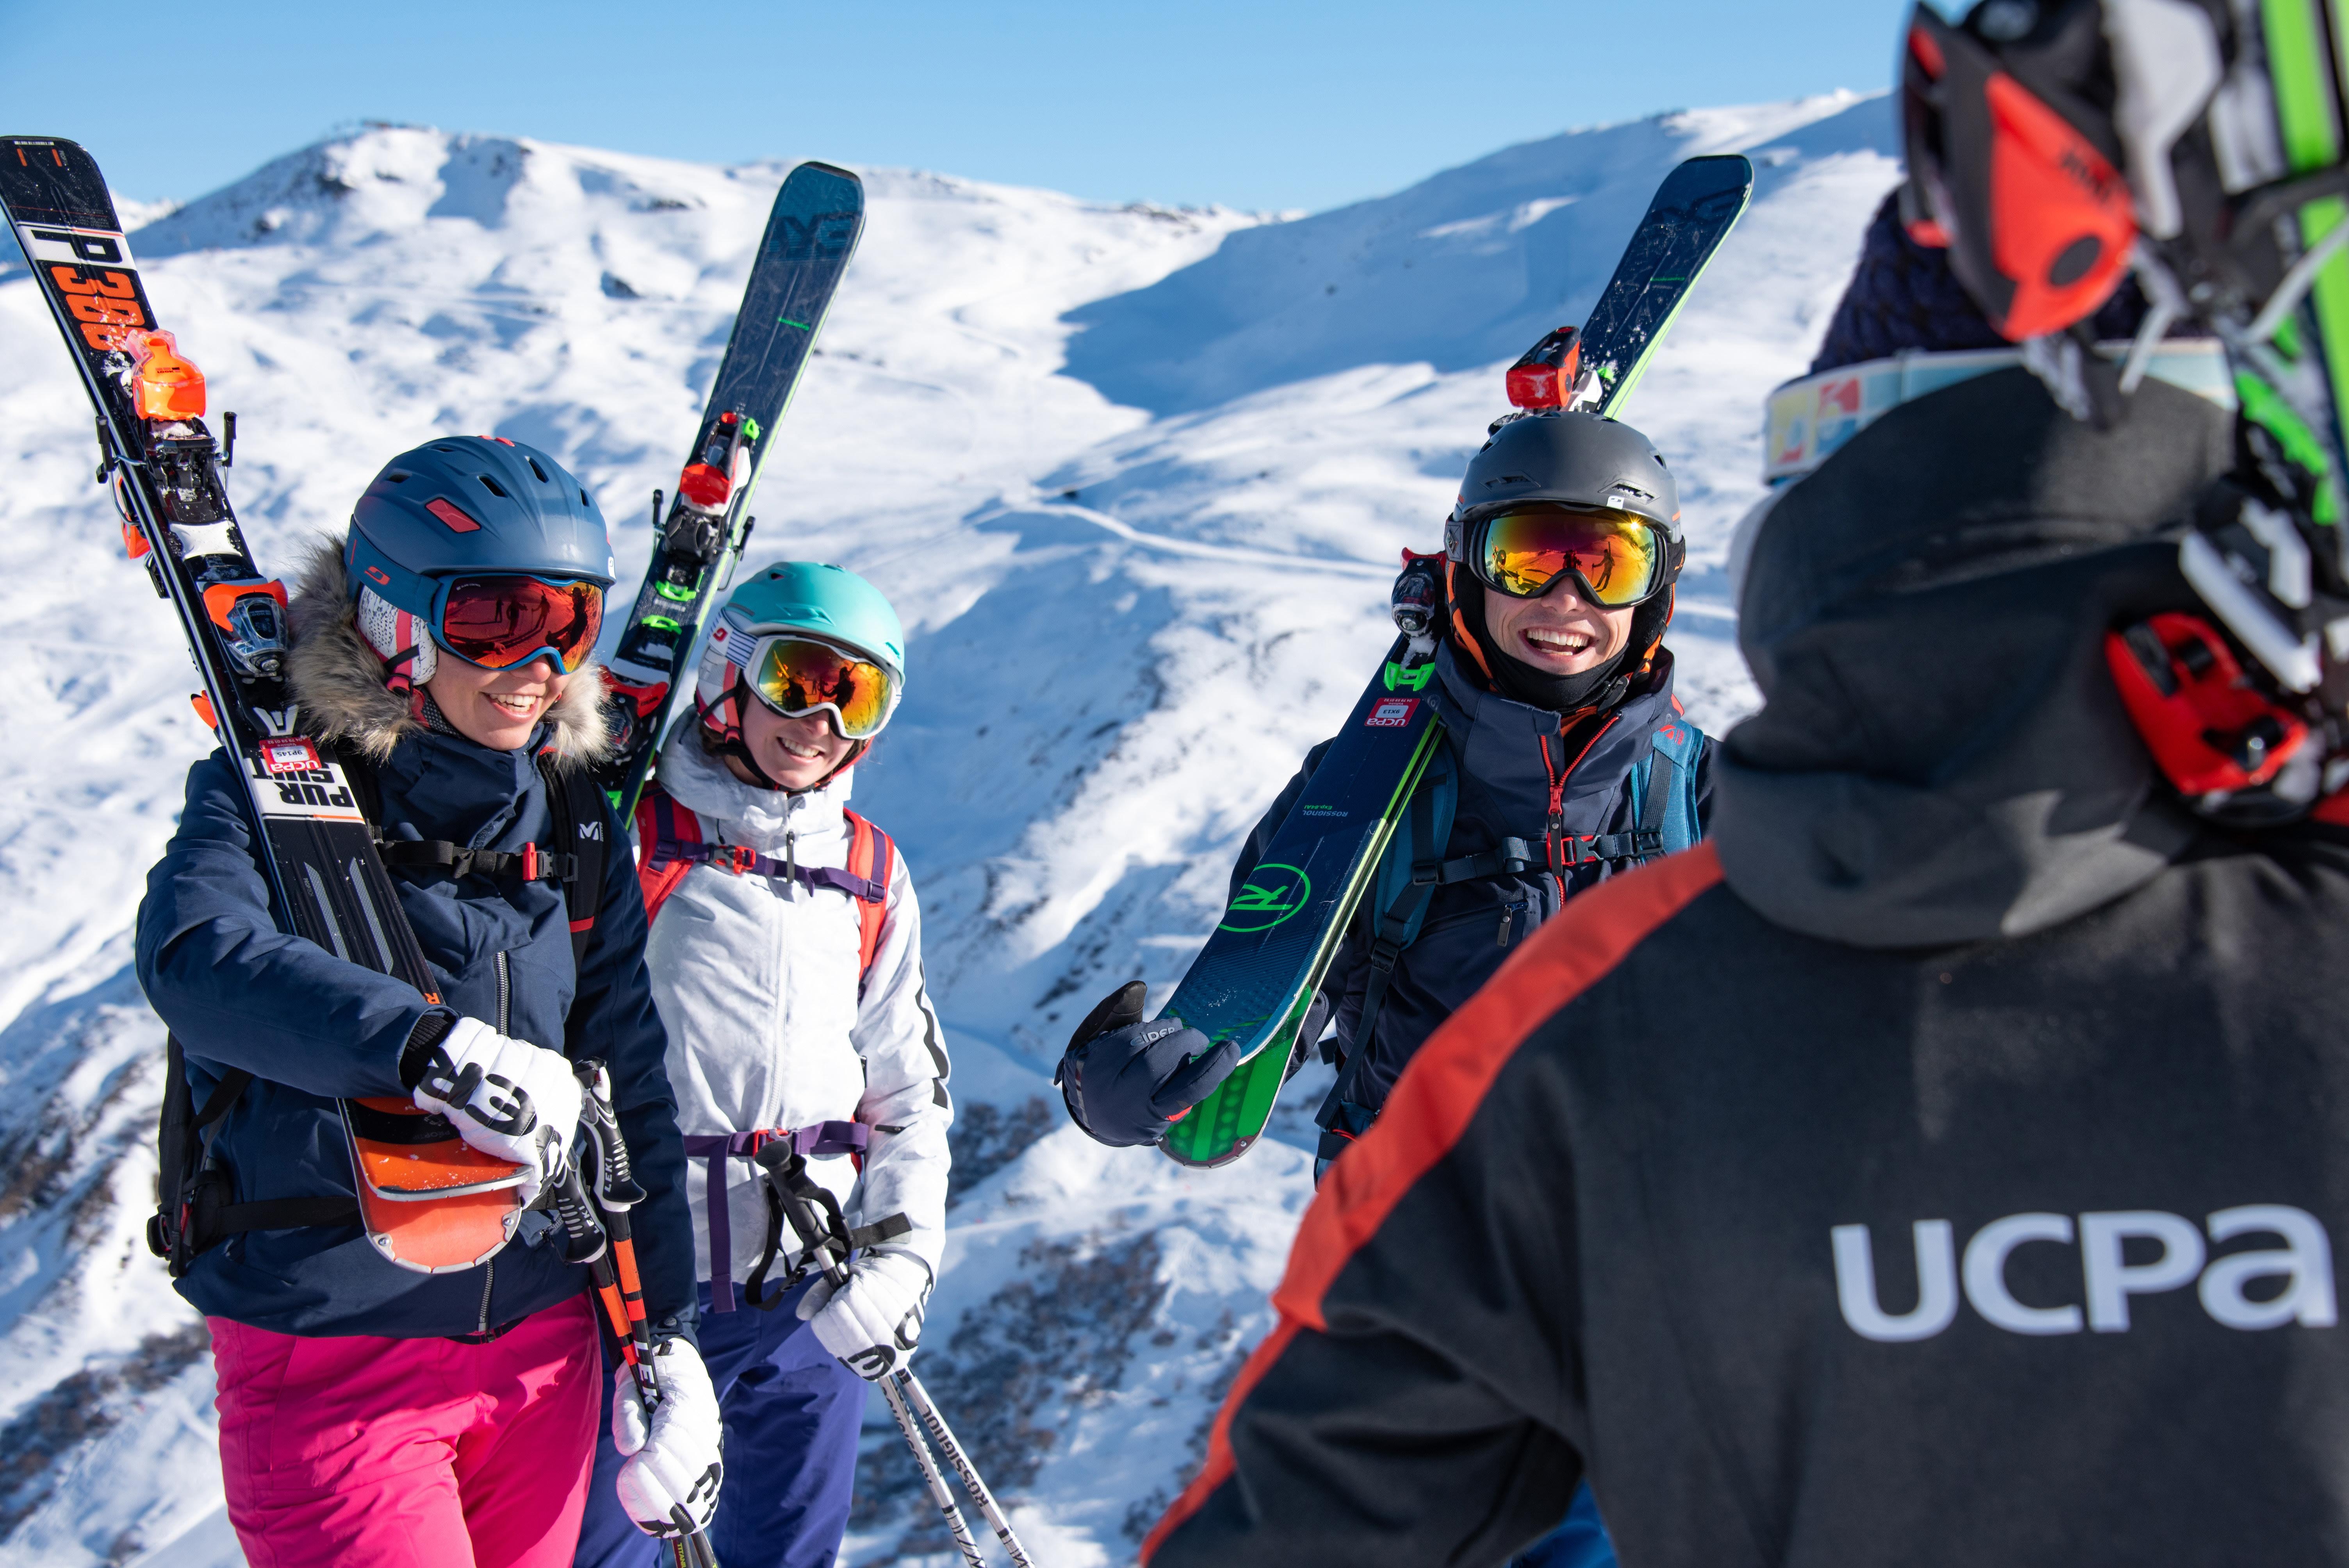 Découverte du ski hors-piste / ski de rando - séjour en France - UCPA